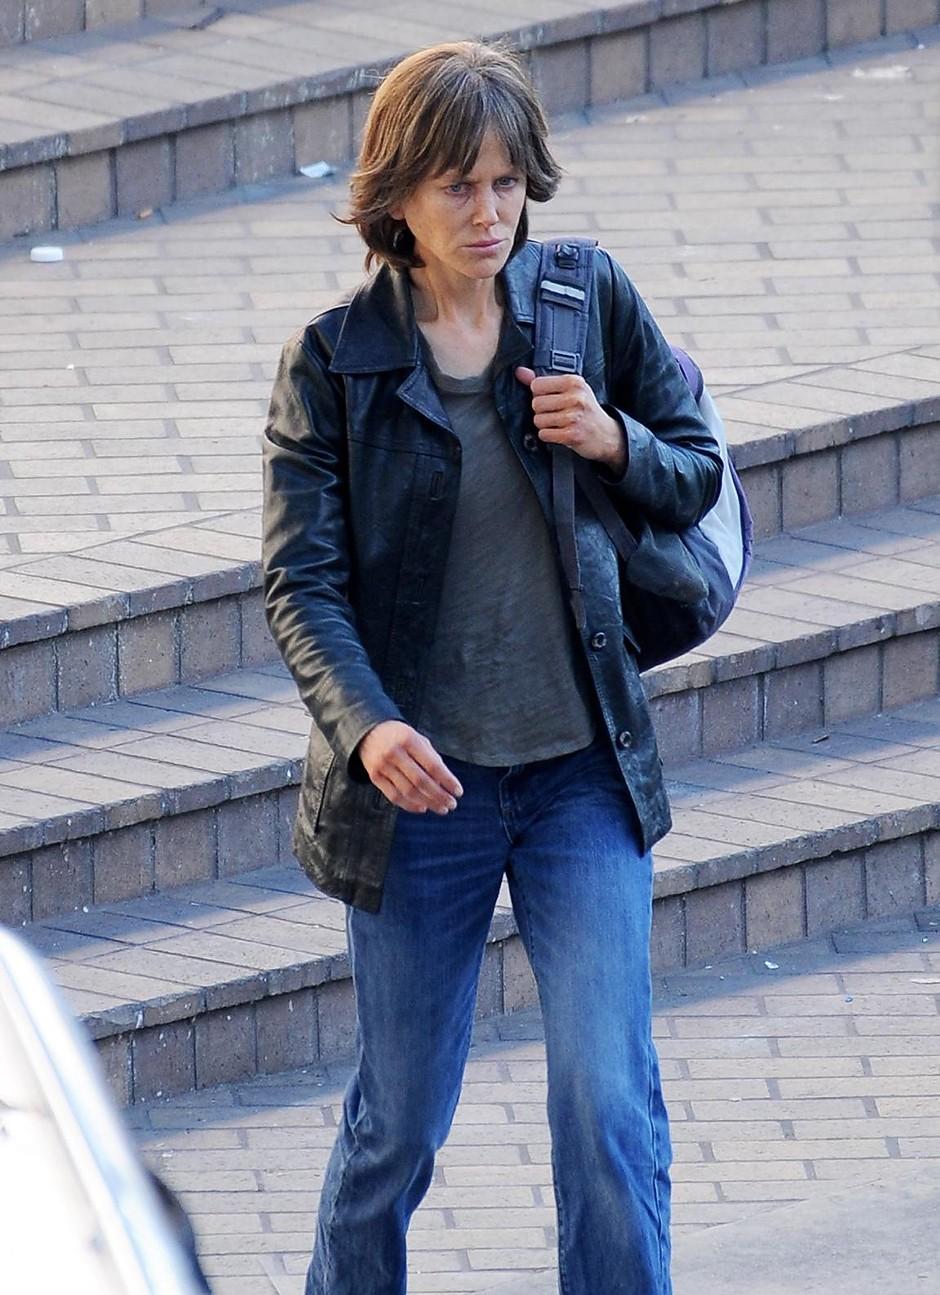 Фото дня: неузнаваемая Николь Кидман на съемках в Лос-Анджелесе (фото 1)